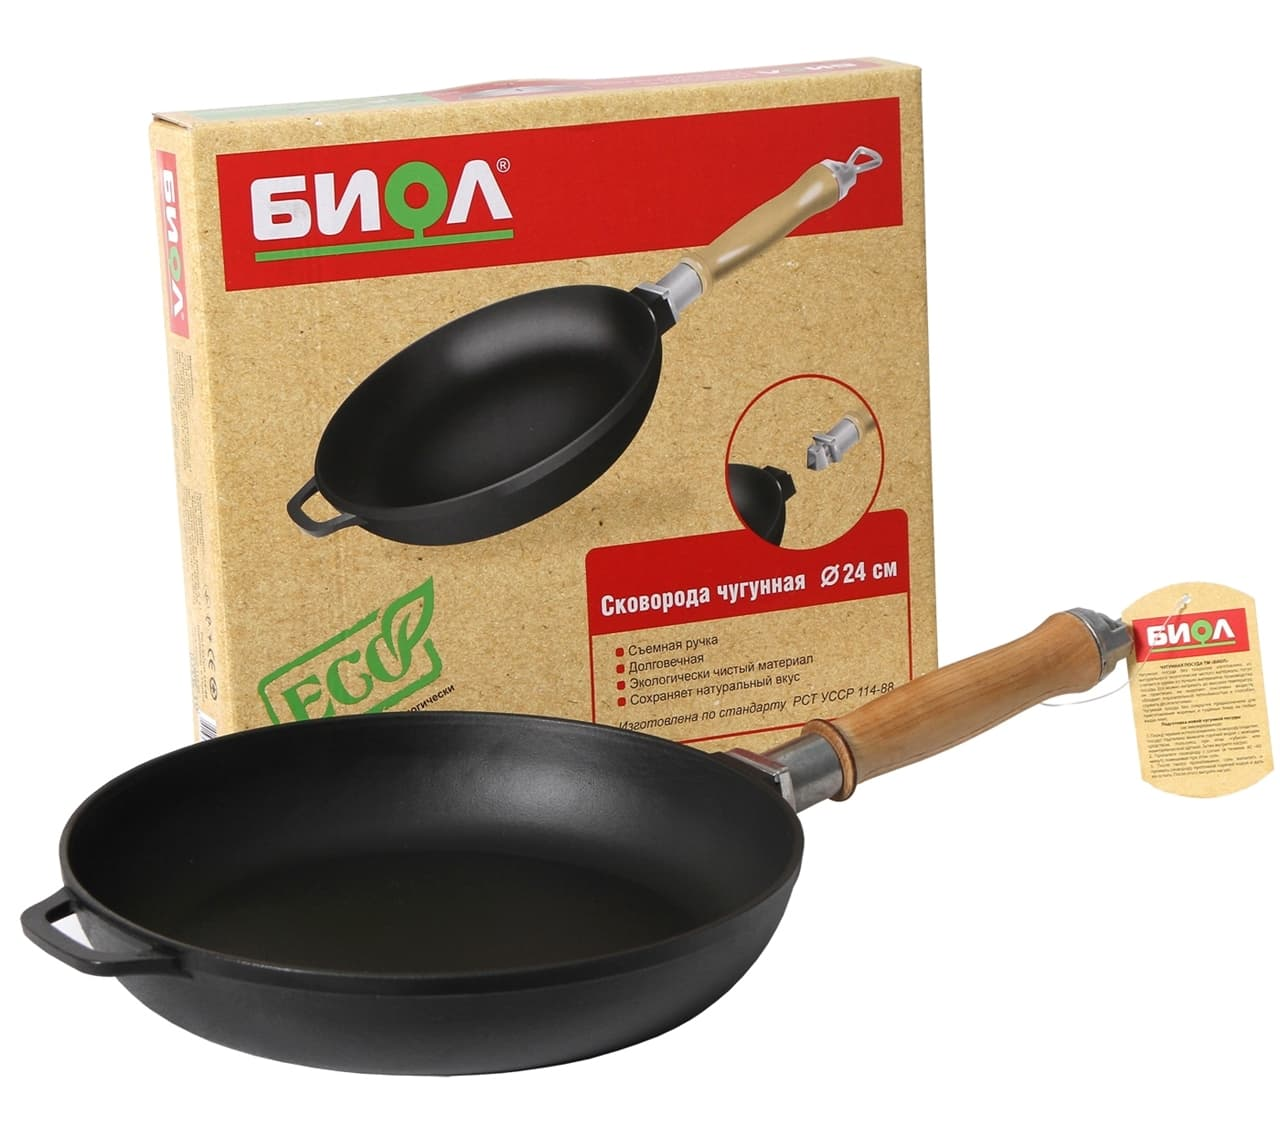 Чугунная сковорода 240х40 мм. с деревянной ручкой БИОЛ арт. 0124 - фото 4989